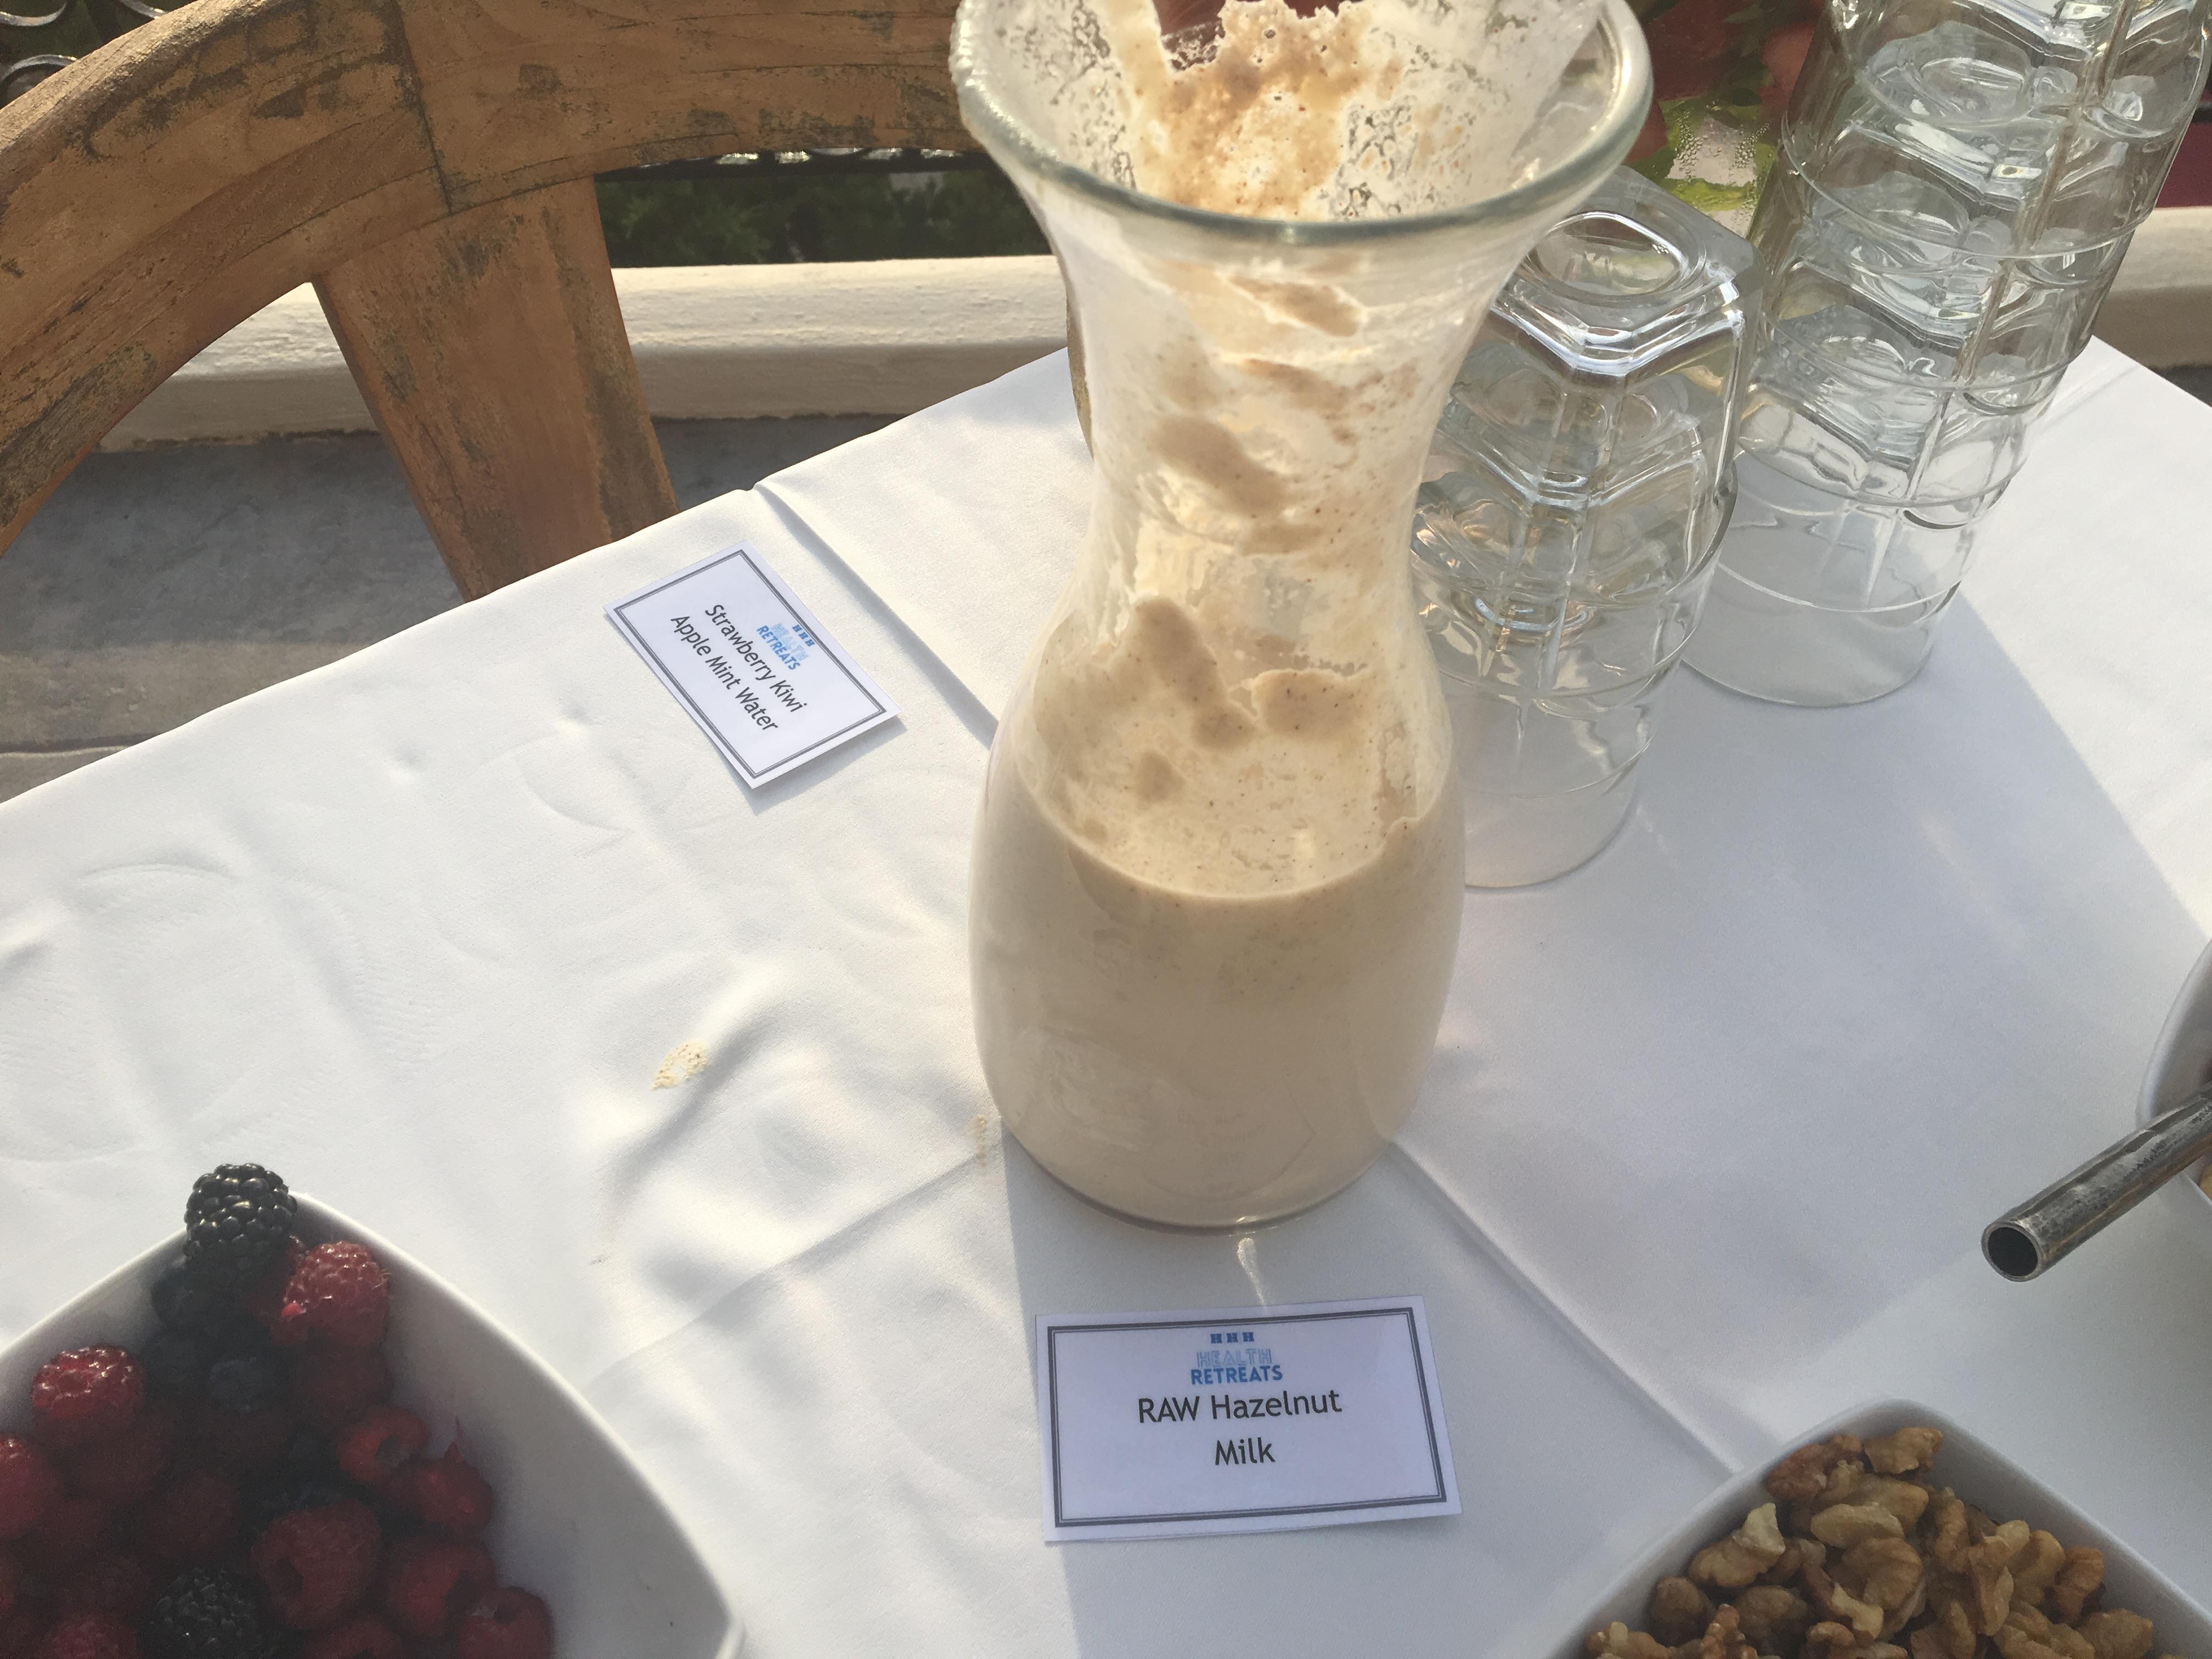 raw hazelnut milk